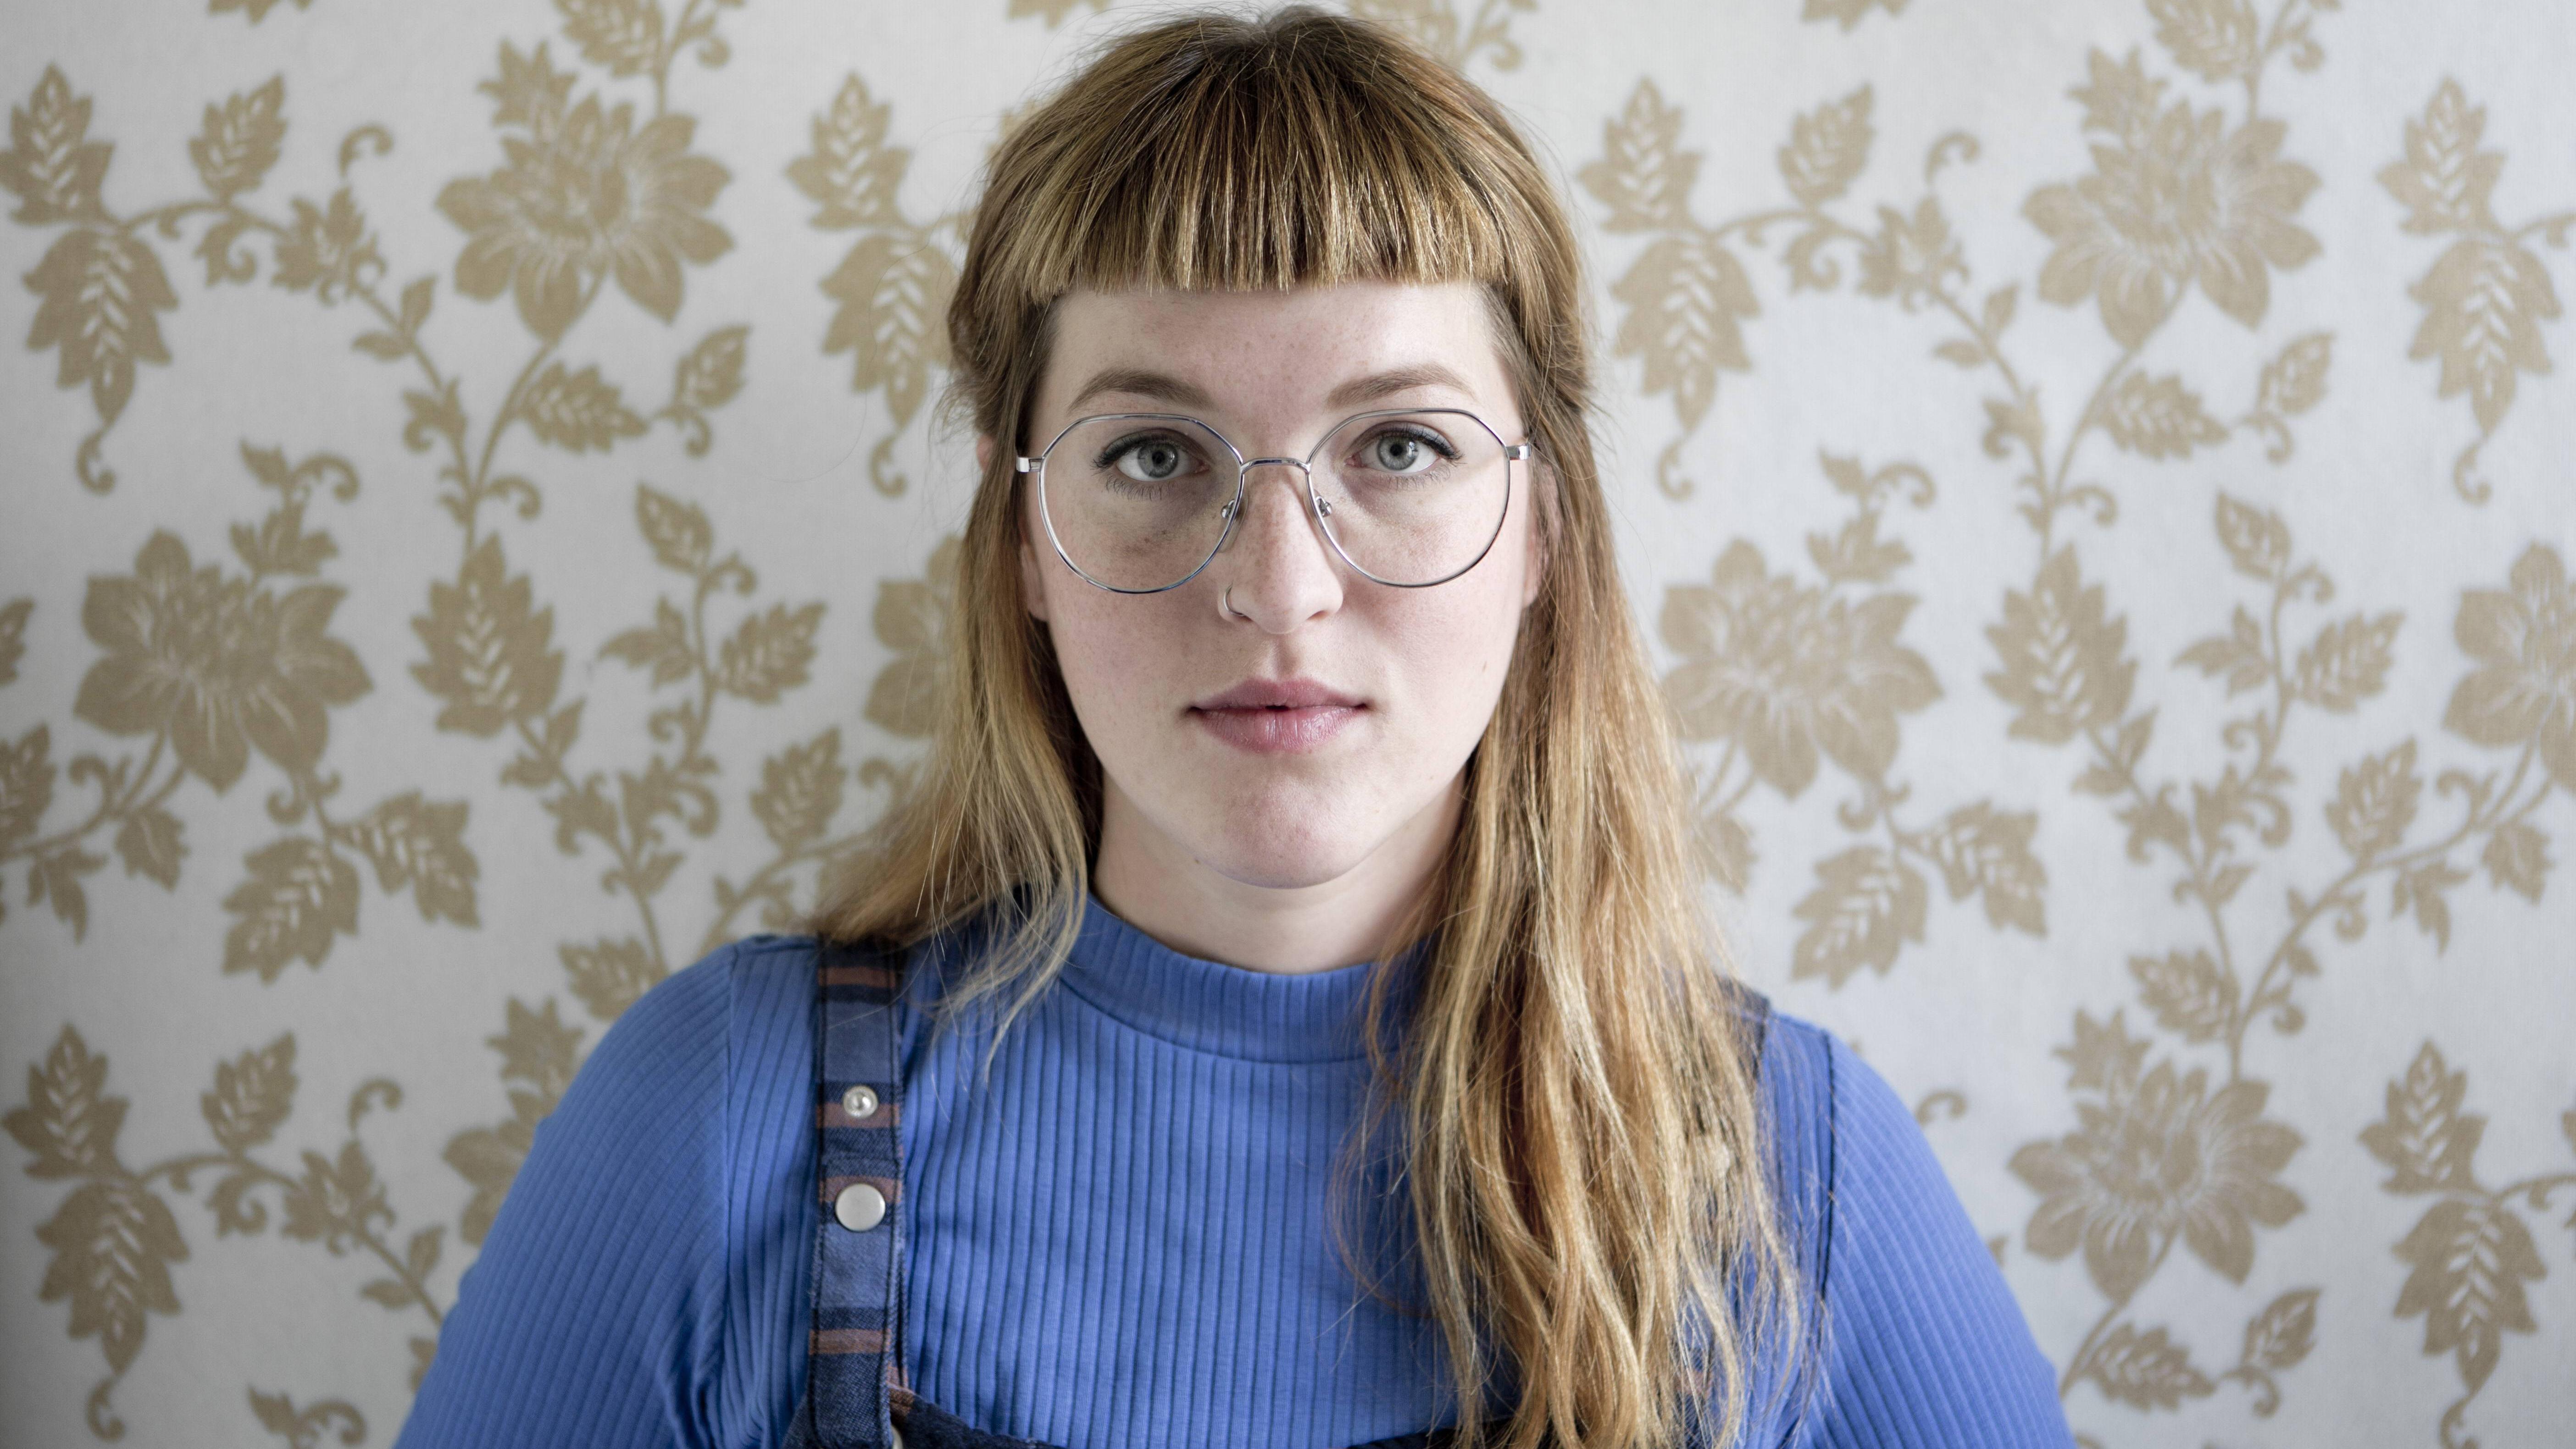 Pony und Brille sehen je nach Style des Ponys, Gesichtsform und dem Brillengestell anders aus.